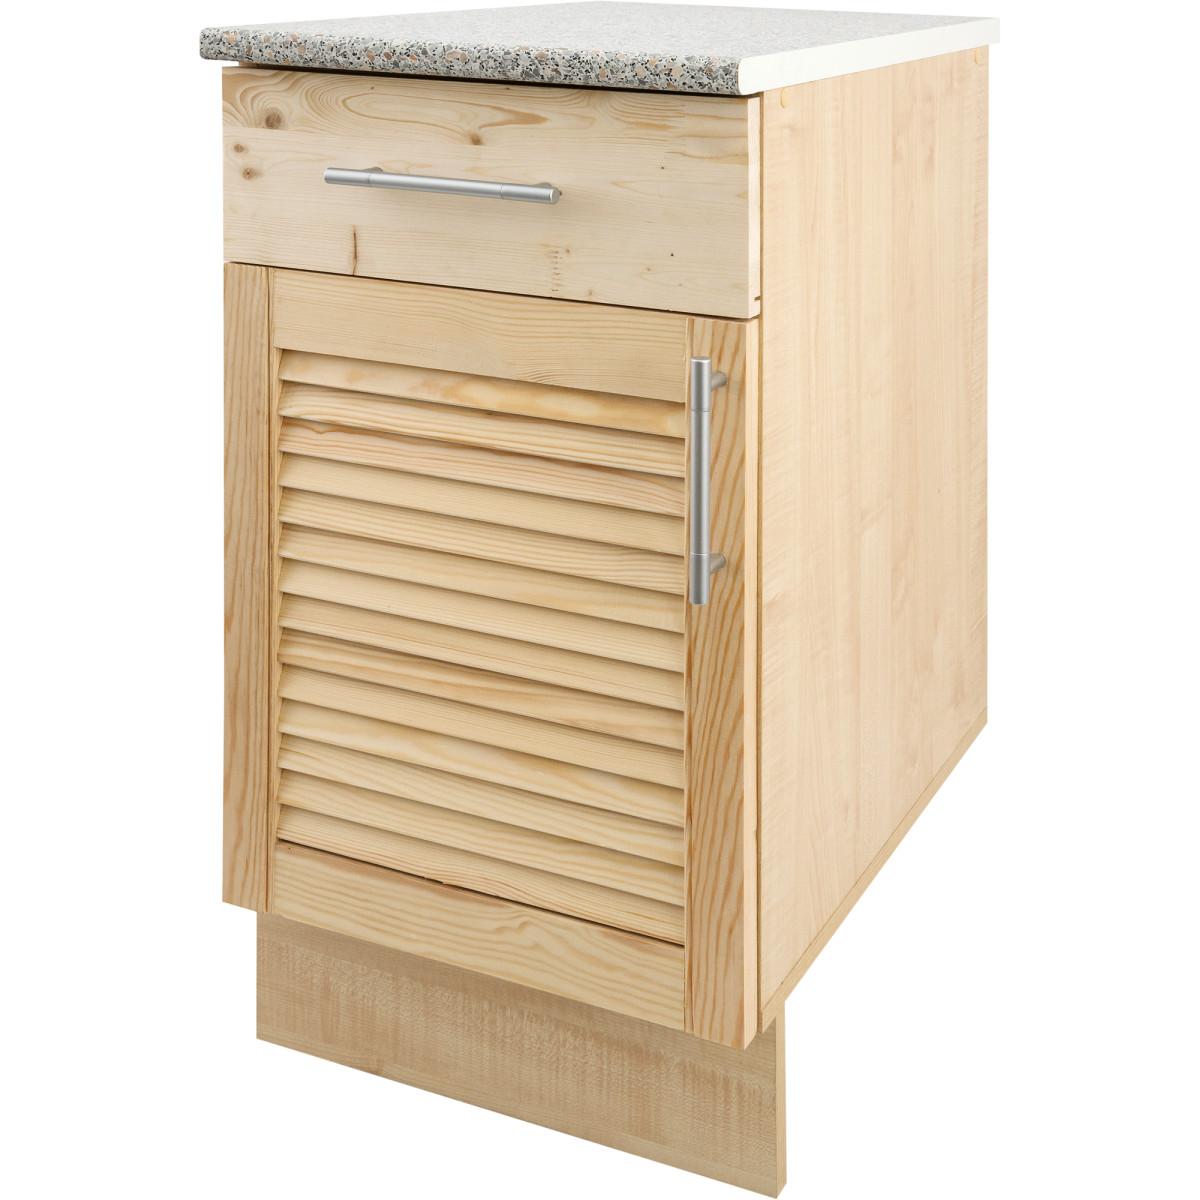 Шкаф напольный Сосна жалюзи Мо с фасадом и одним ящиком 85х40 см хвоя/ЛДСП цвет cосна